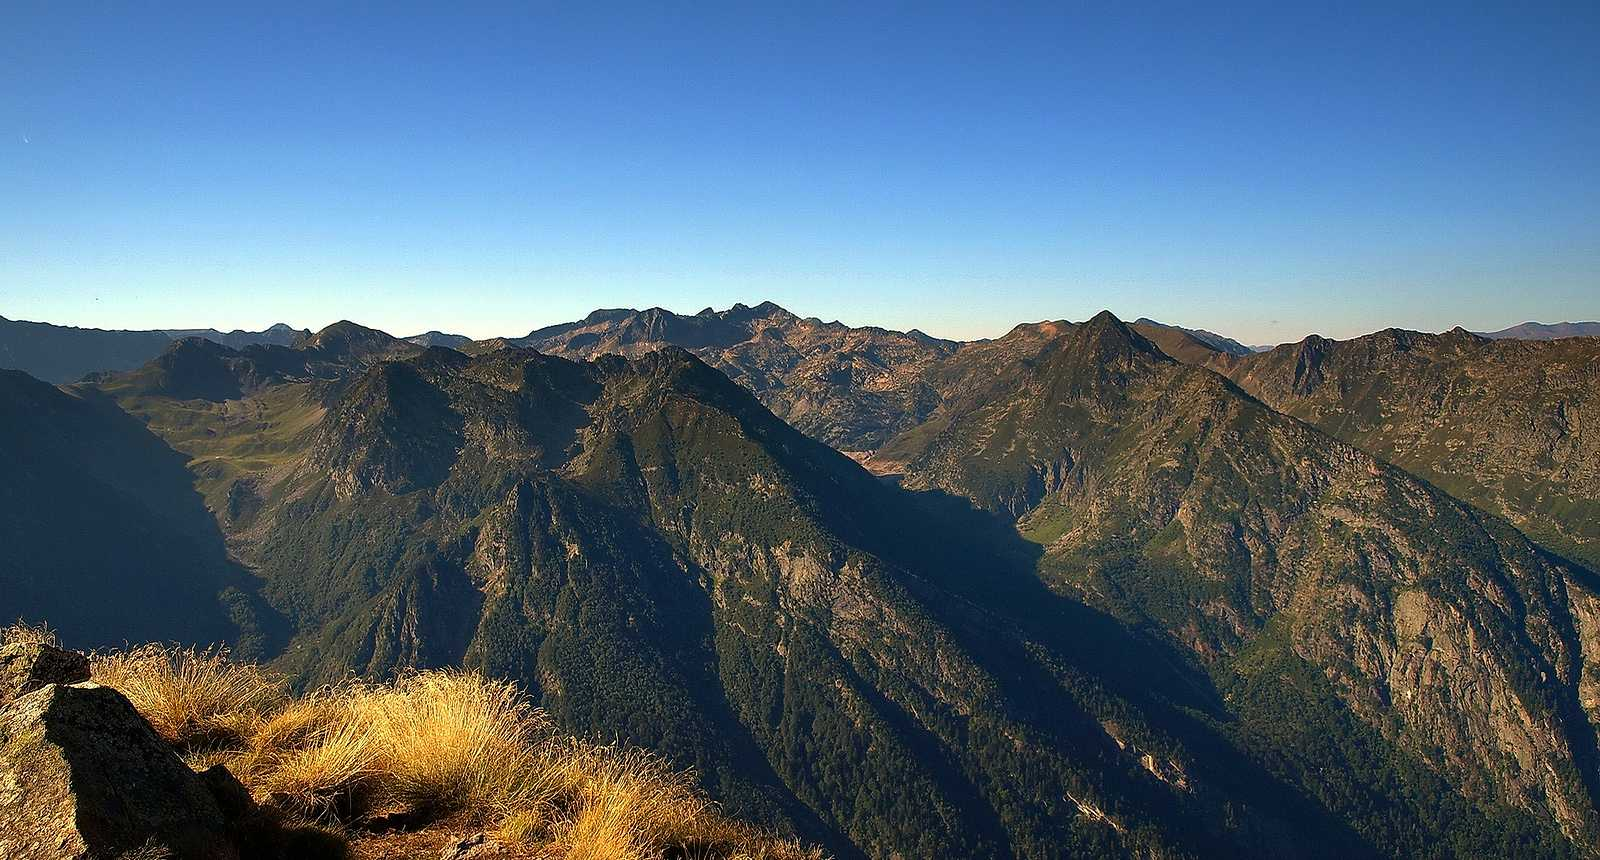 Vue sur la chaîne des Montagnes des Pyrénées